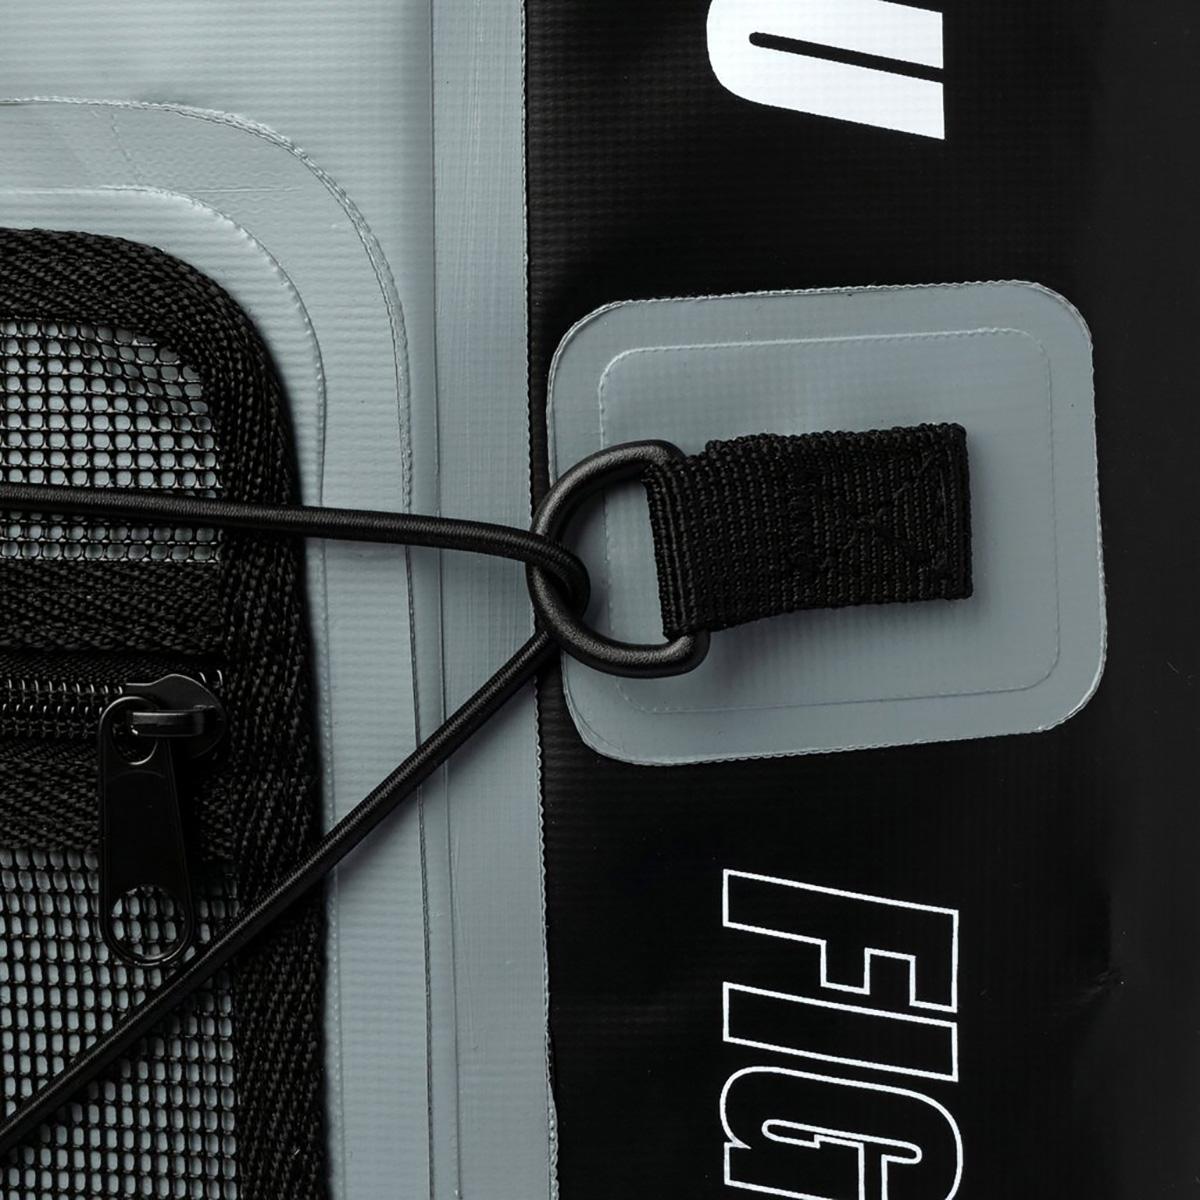 thumbnail 8 - Tatami-Fightwear-30L-Dry-Tech-Gear-Bag